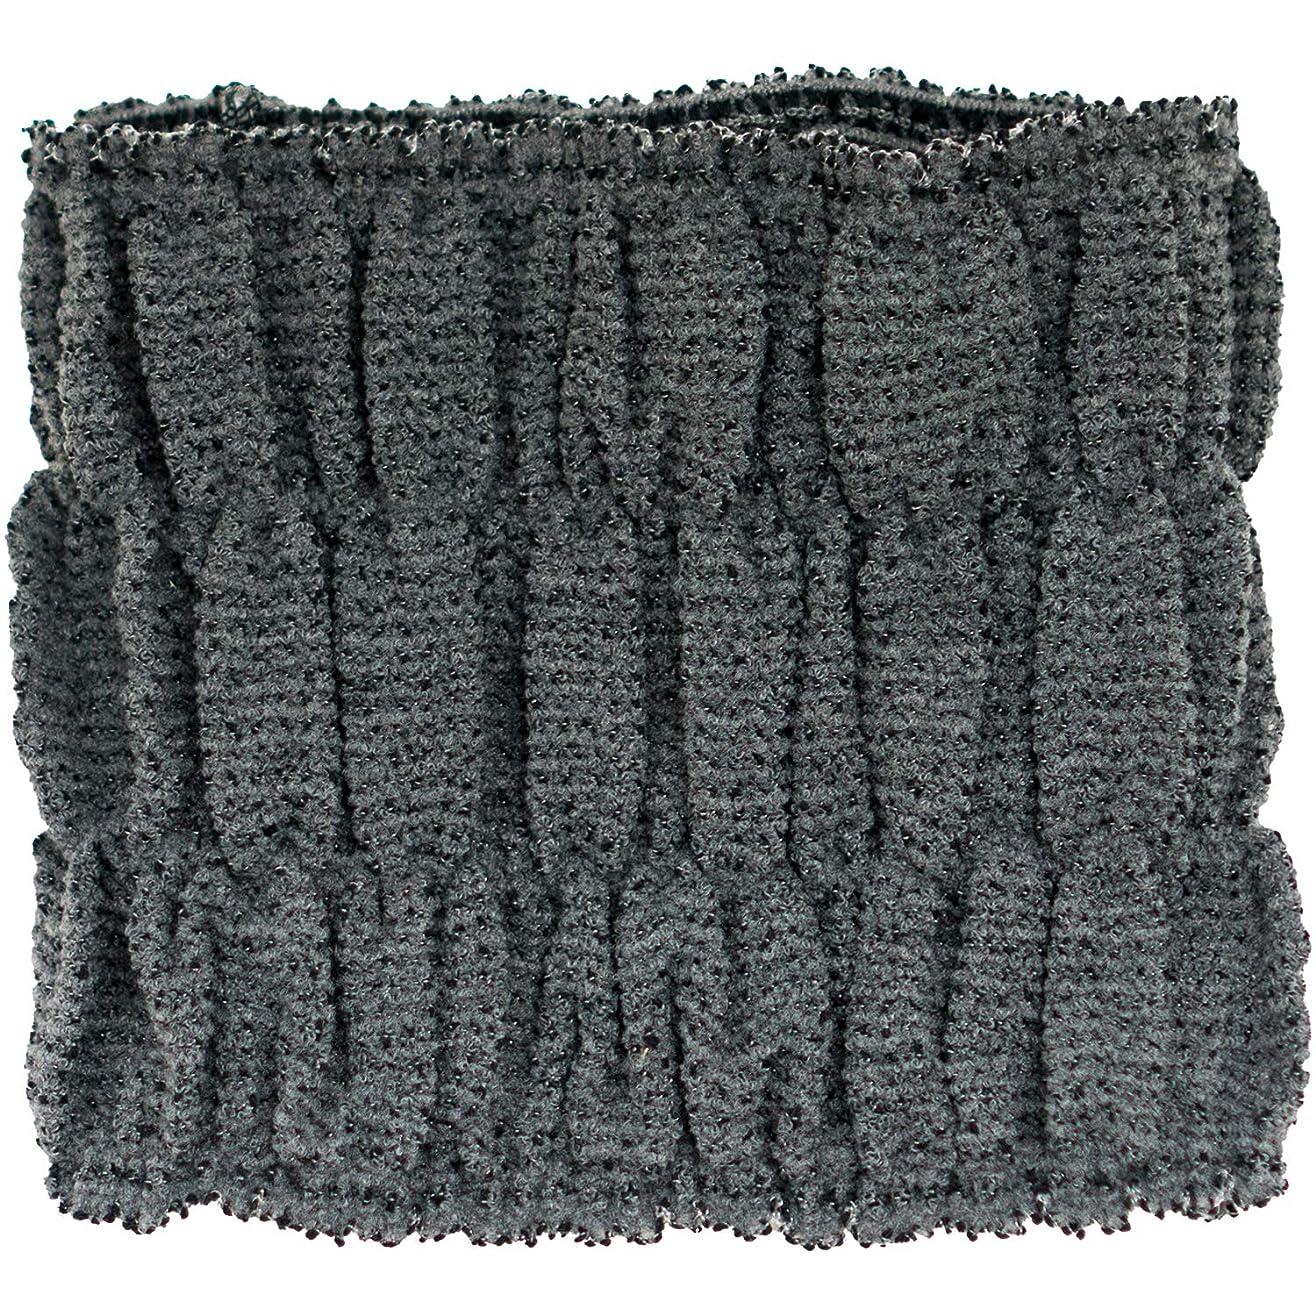 親与える高さオカ(OKA) ヘアドライタオル ブラック 約15cm×16cm カラートリートメント用バスヘアターバン